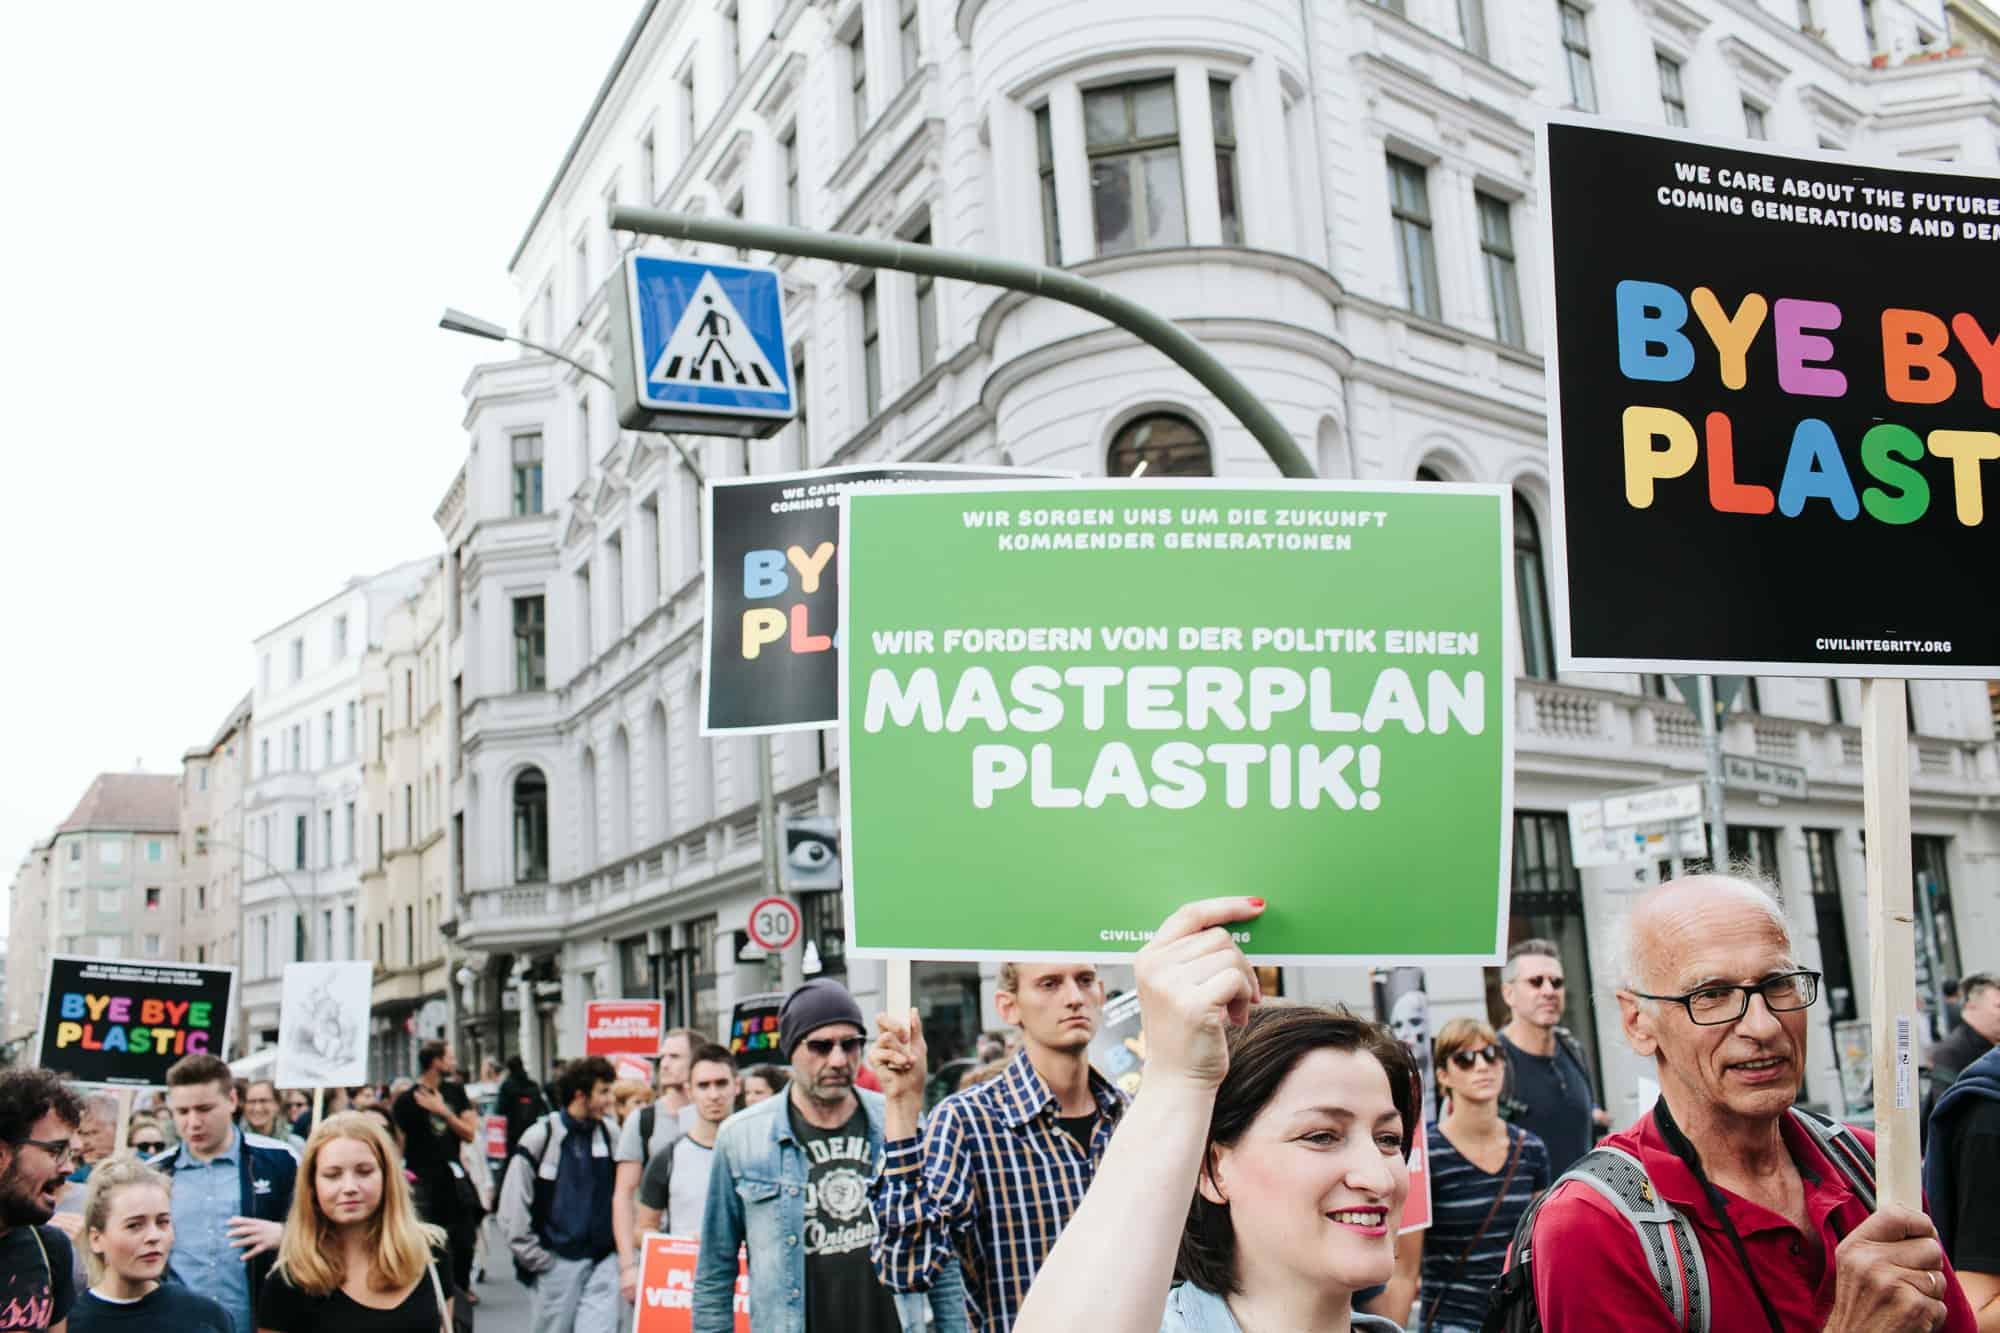 Masterplan Plastik